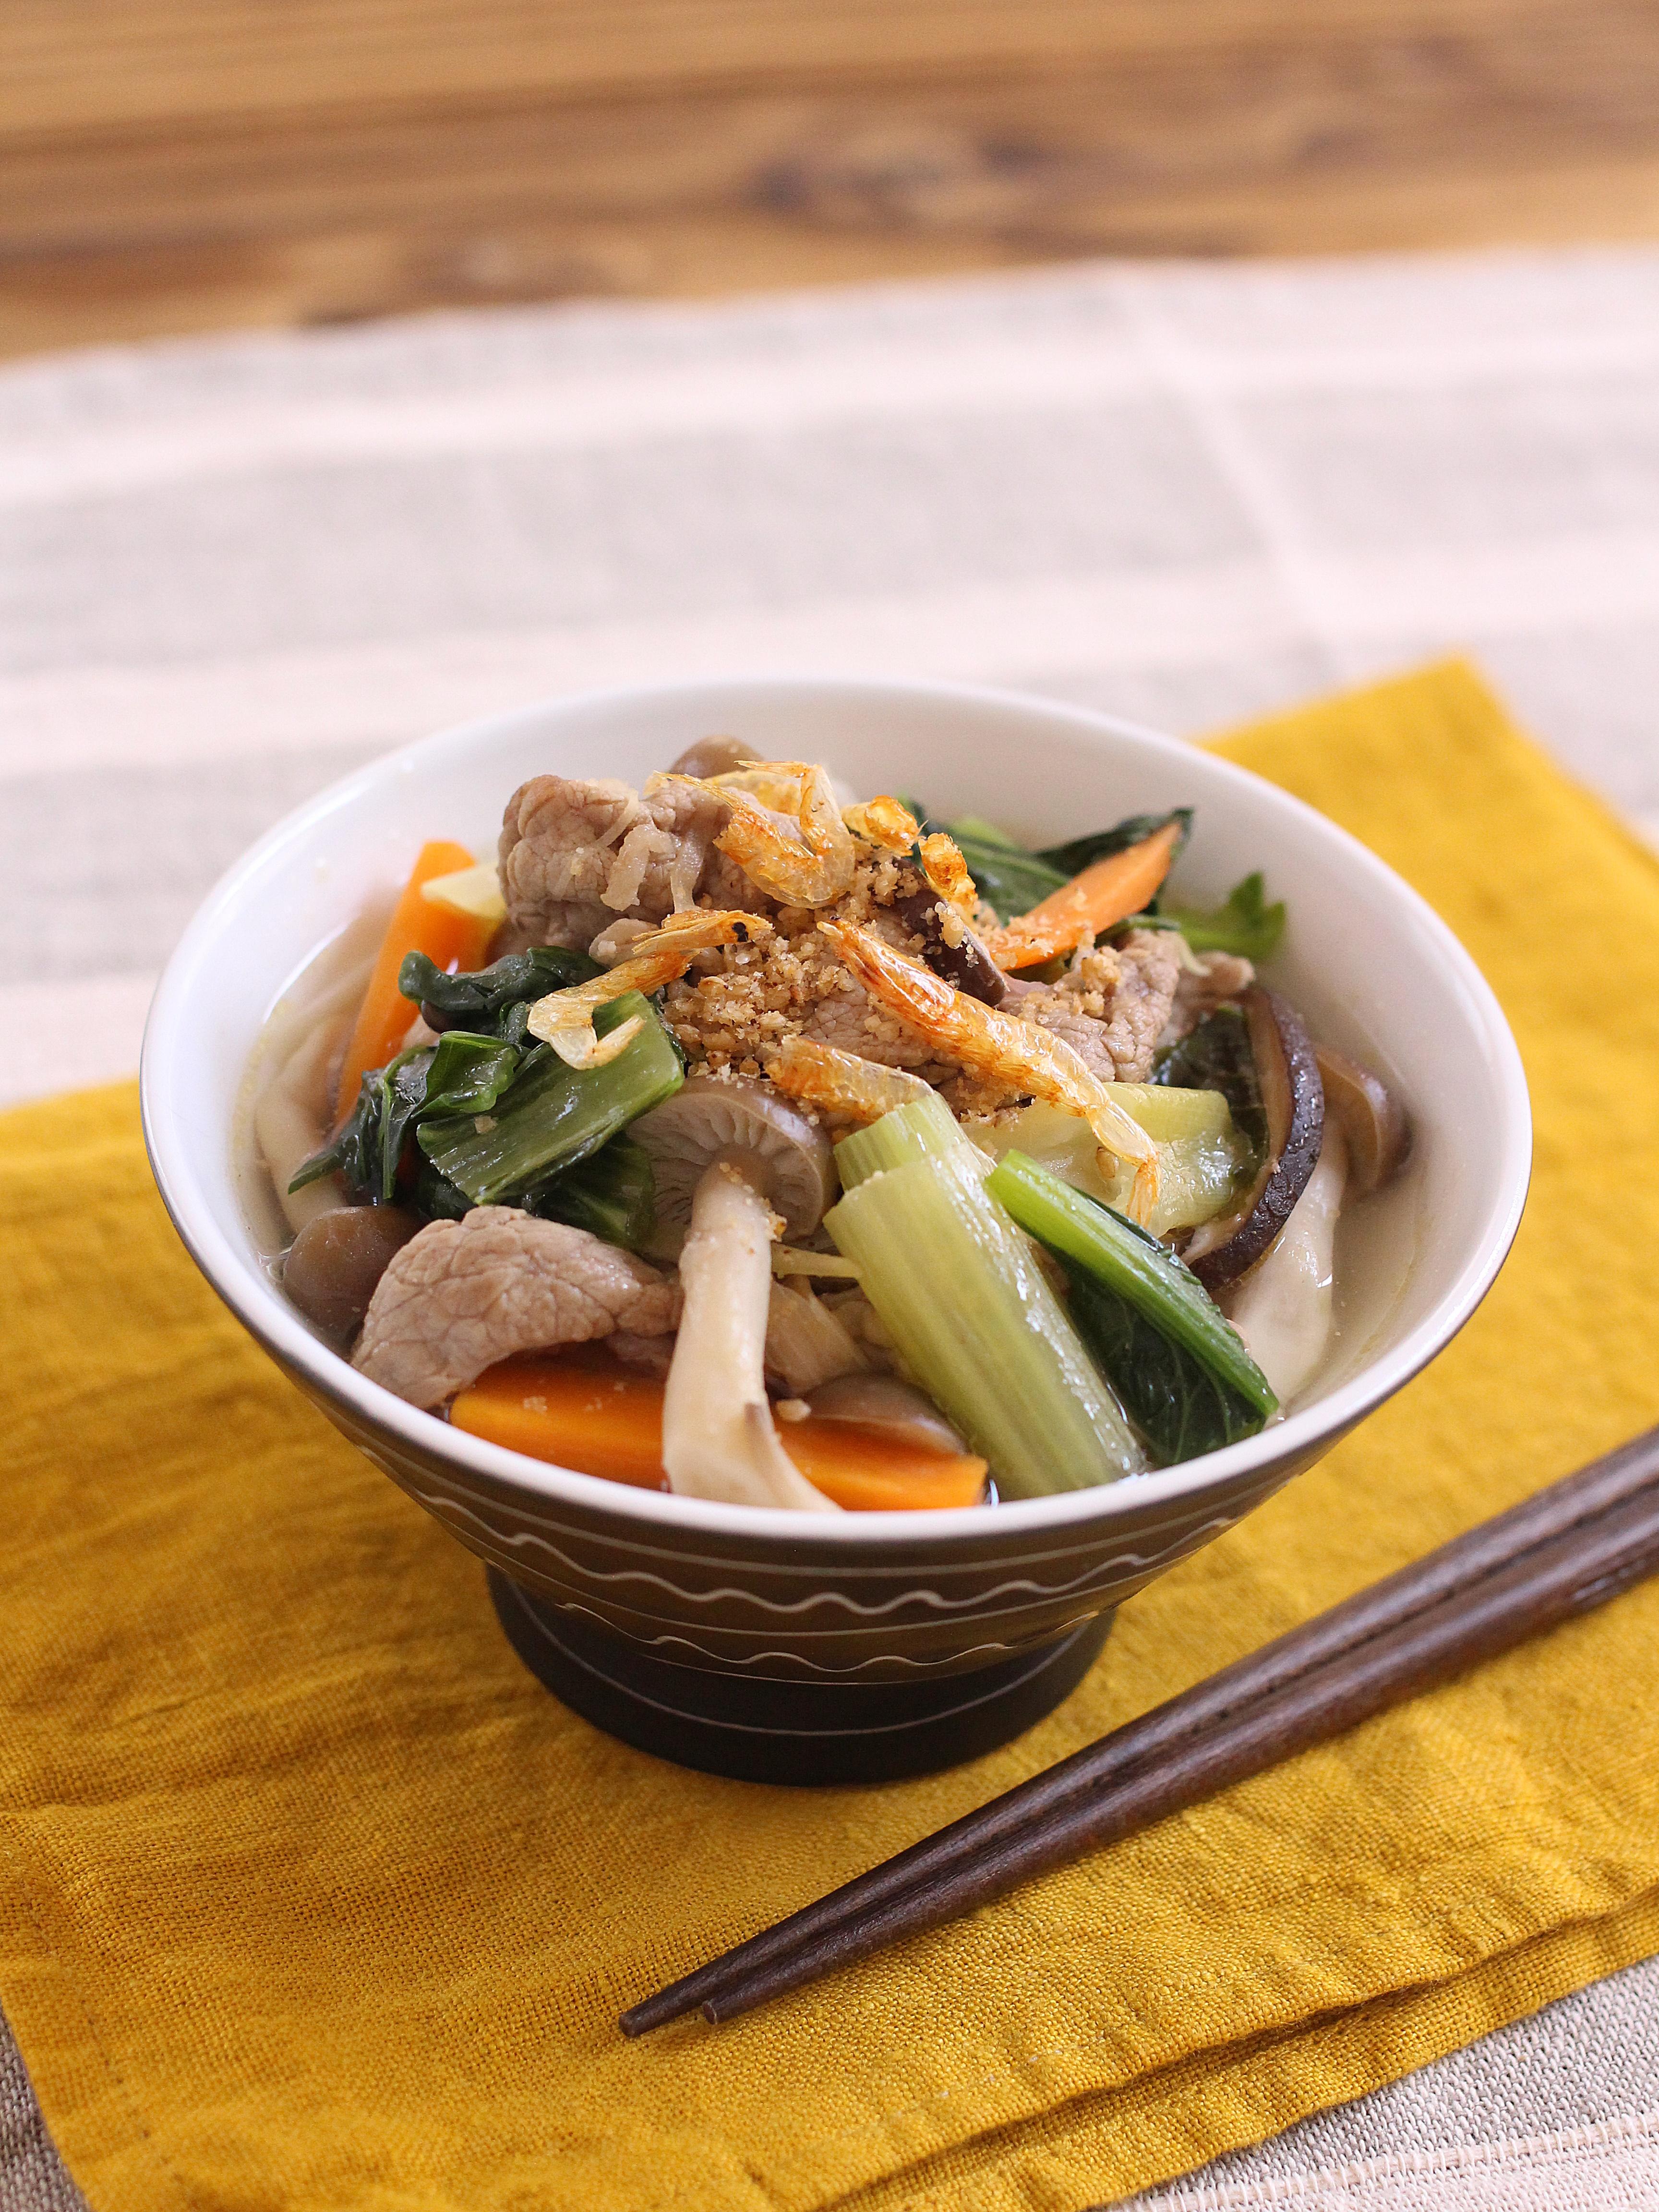 【掲載:公立学校共済組合】骨を強く。一汁一菜椀ボウル「牛肉とキクラゲの中華スープ」&週末